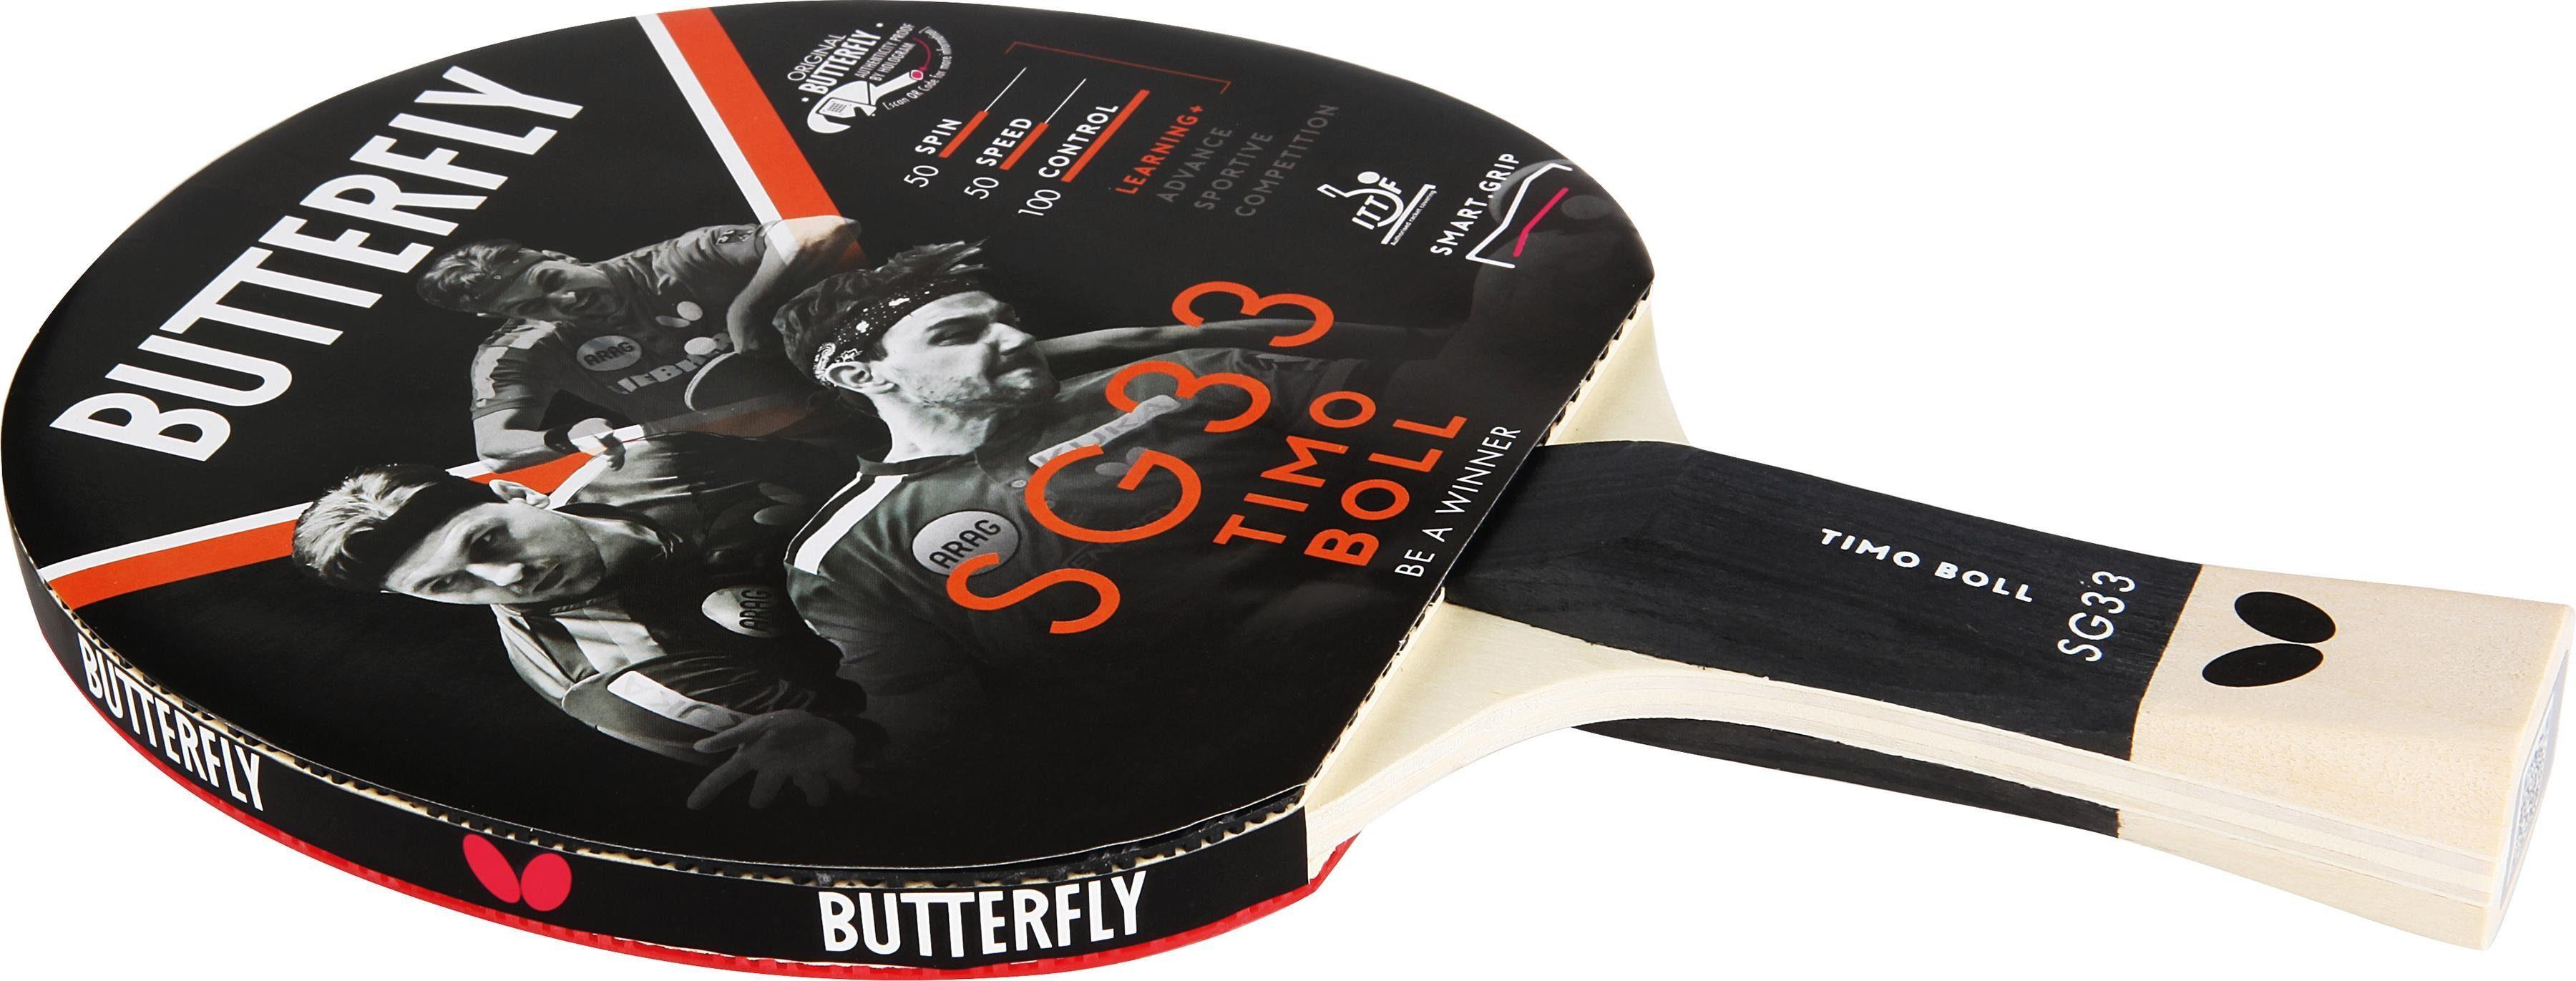 Butterfly Tischtennisschläger Timo Boll SG33 Technik & Freizeit/Sport & Freizeit/Sportarten/Tischtennis/Tischtennis-Ausrüstung